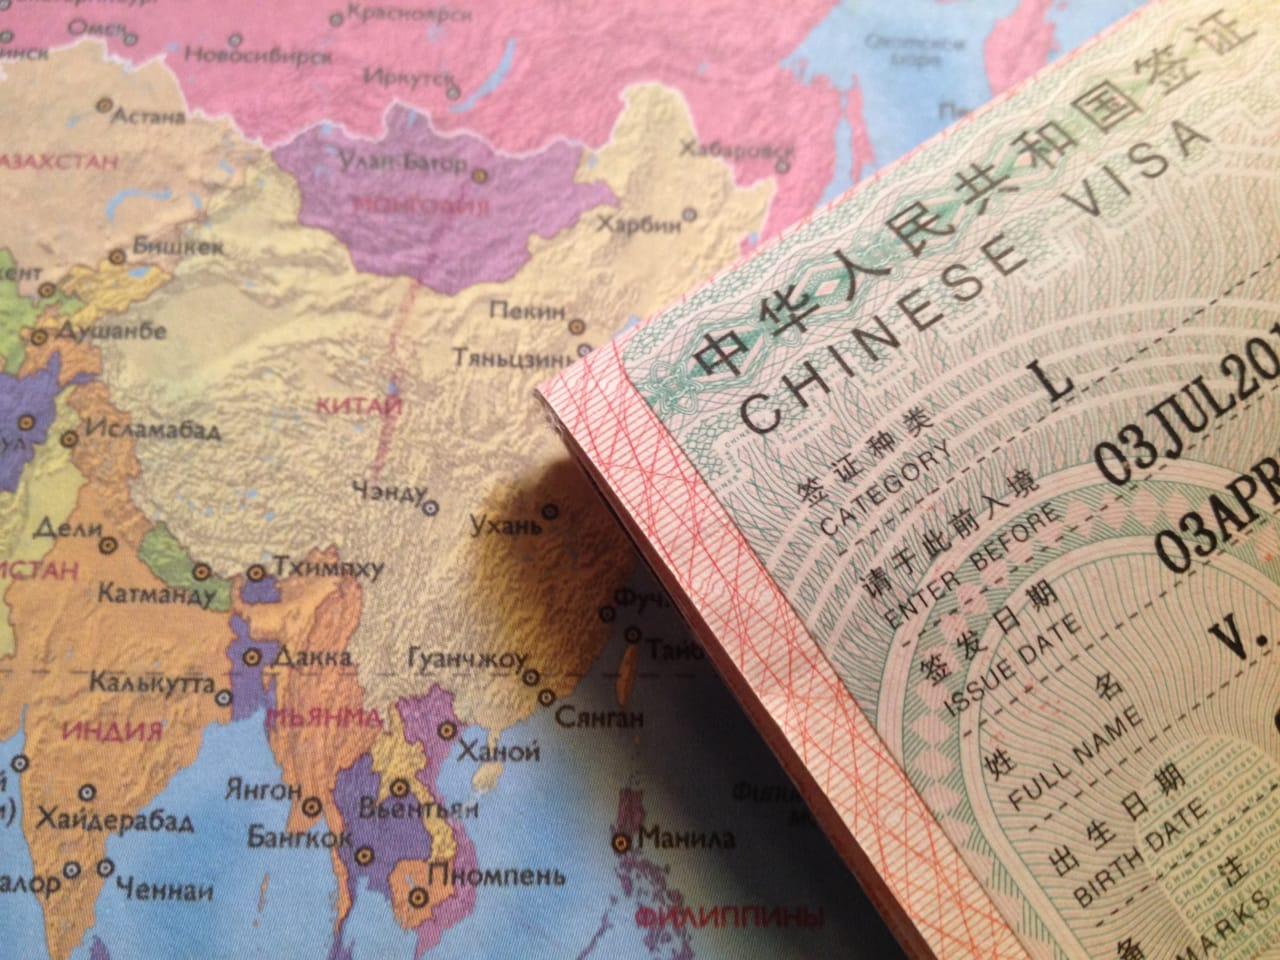 Стоимость визы на 2019-2020 год для посещения Китая